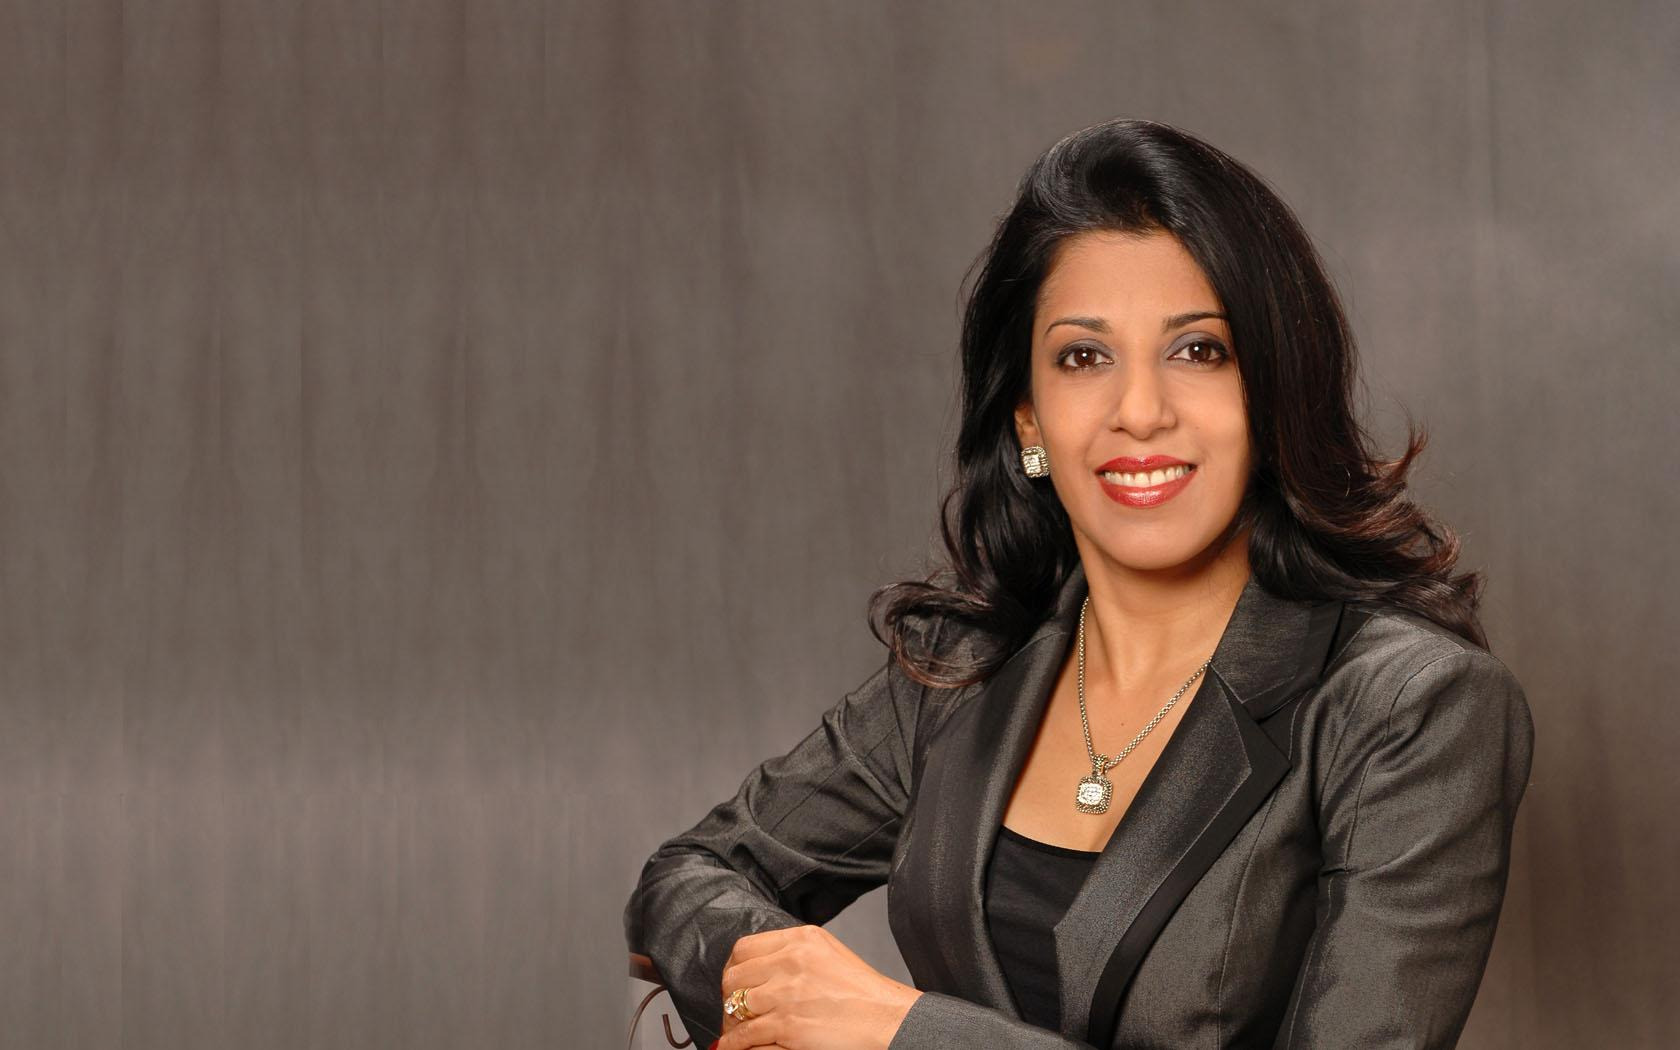 Dr. Farzanna Haffizulla